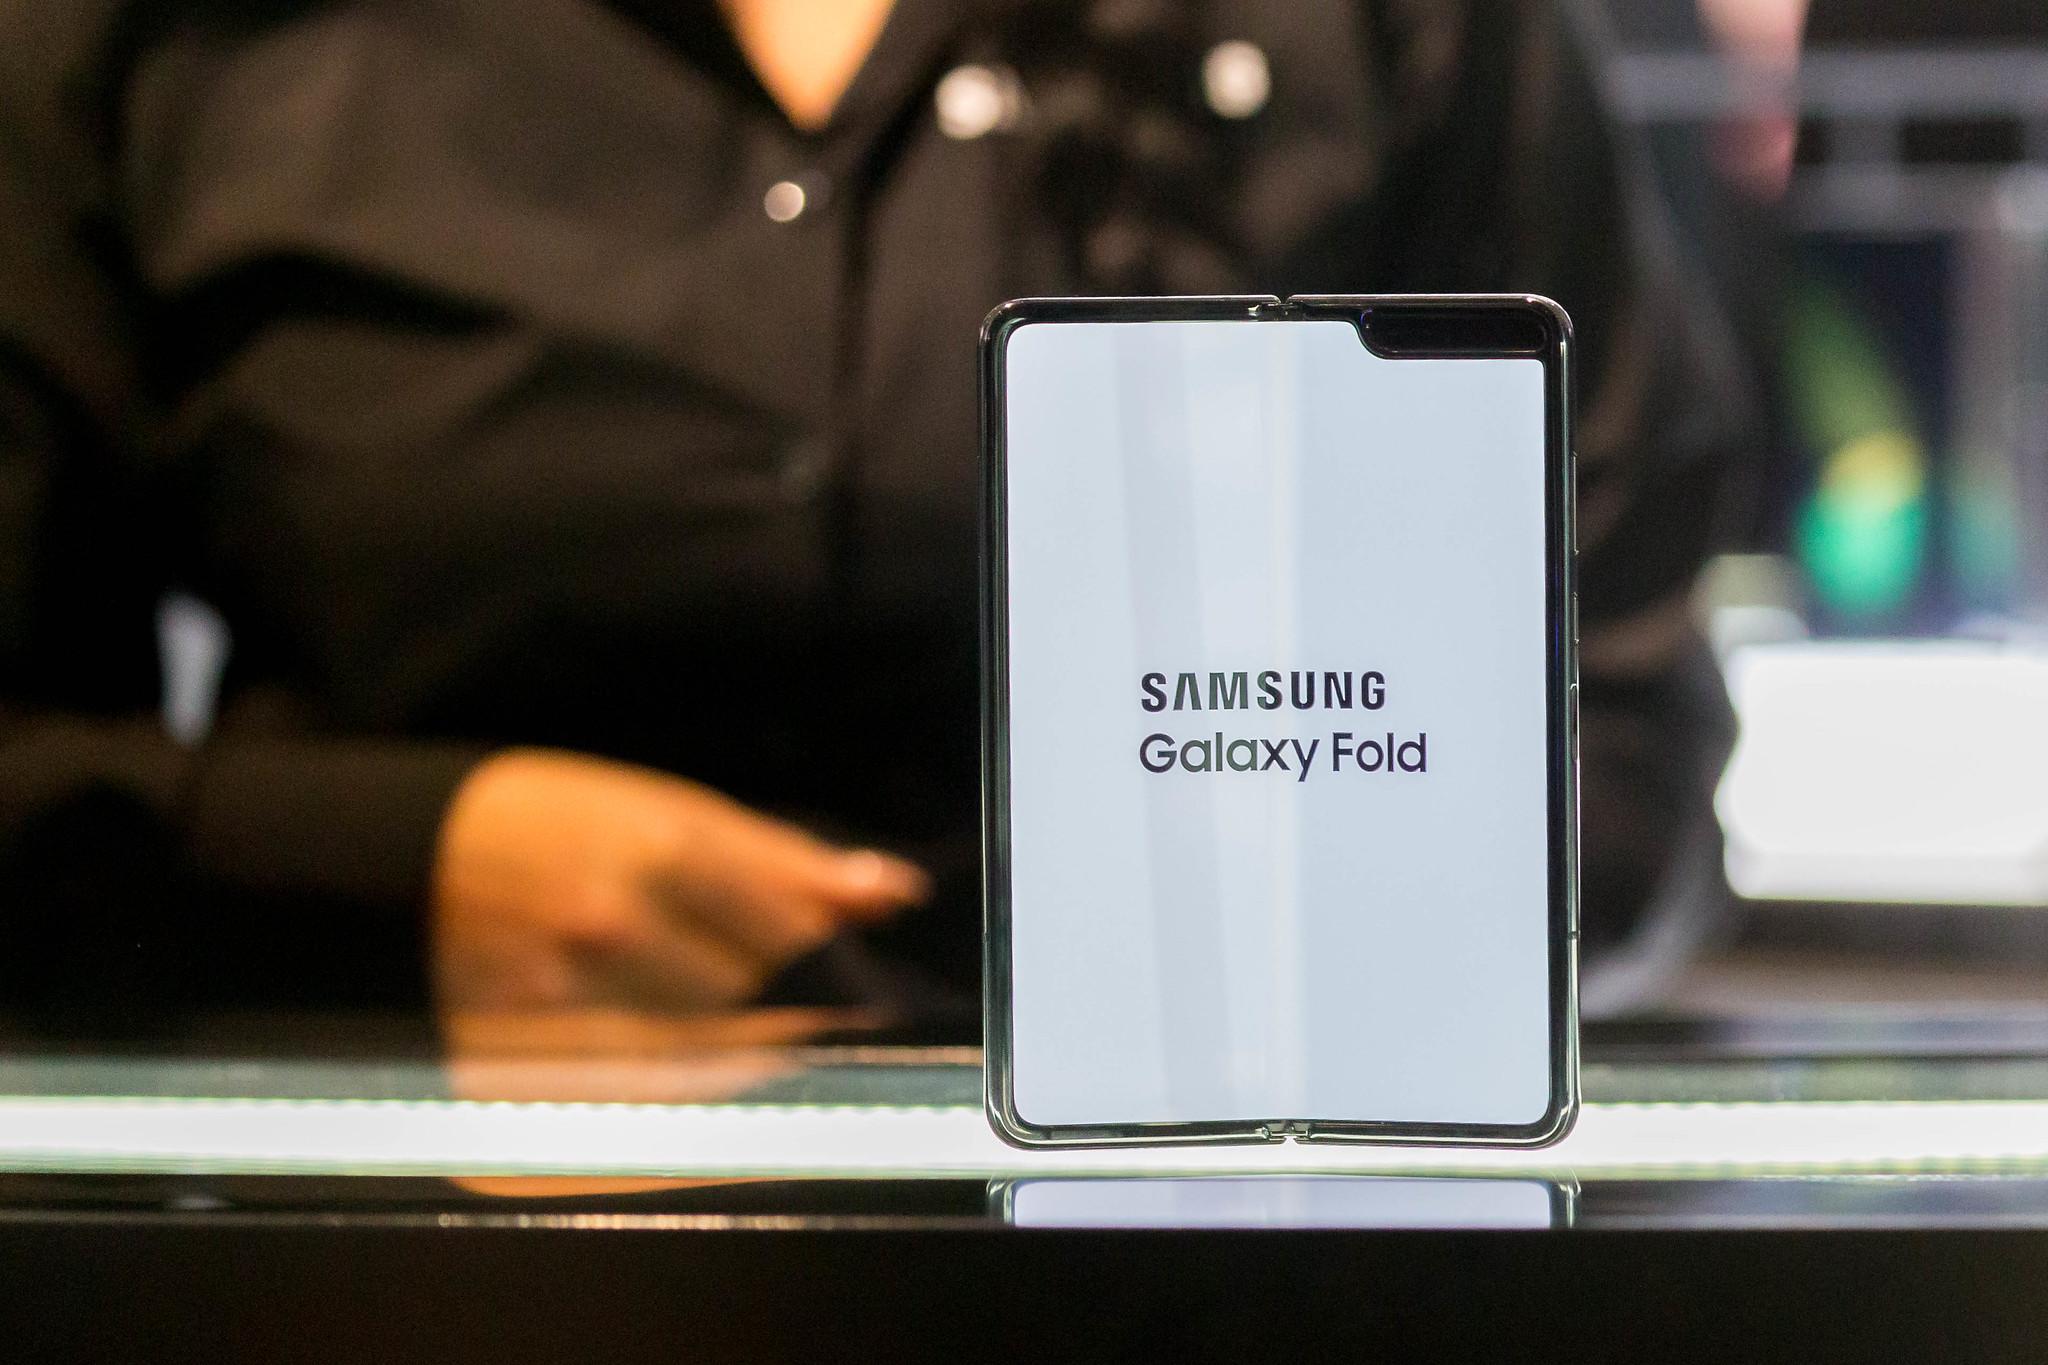 Samsung podría presentar su nuevo teléfono plegable el 11 de febrero